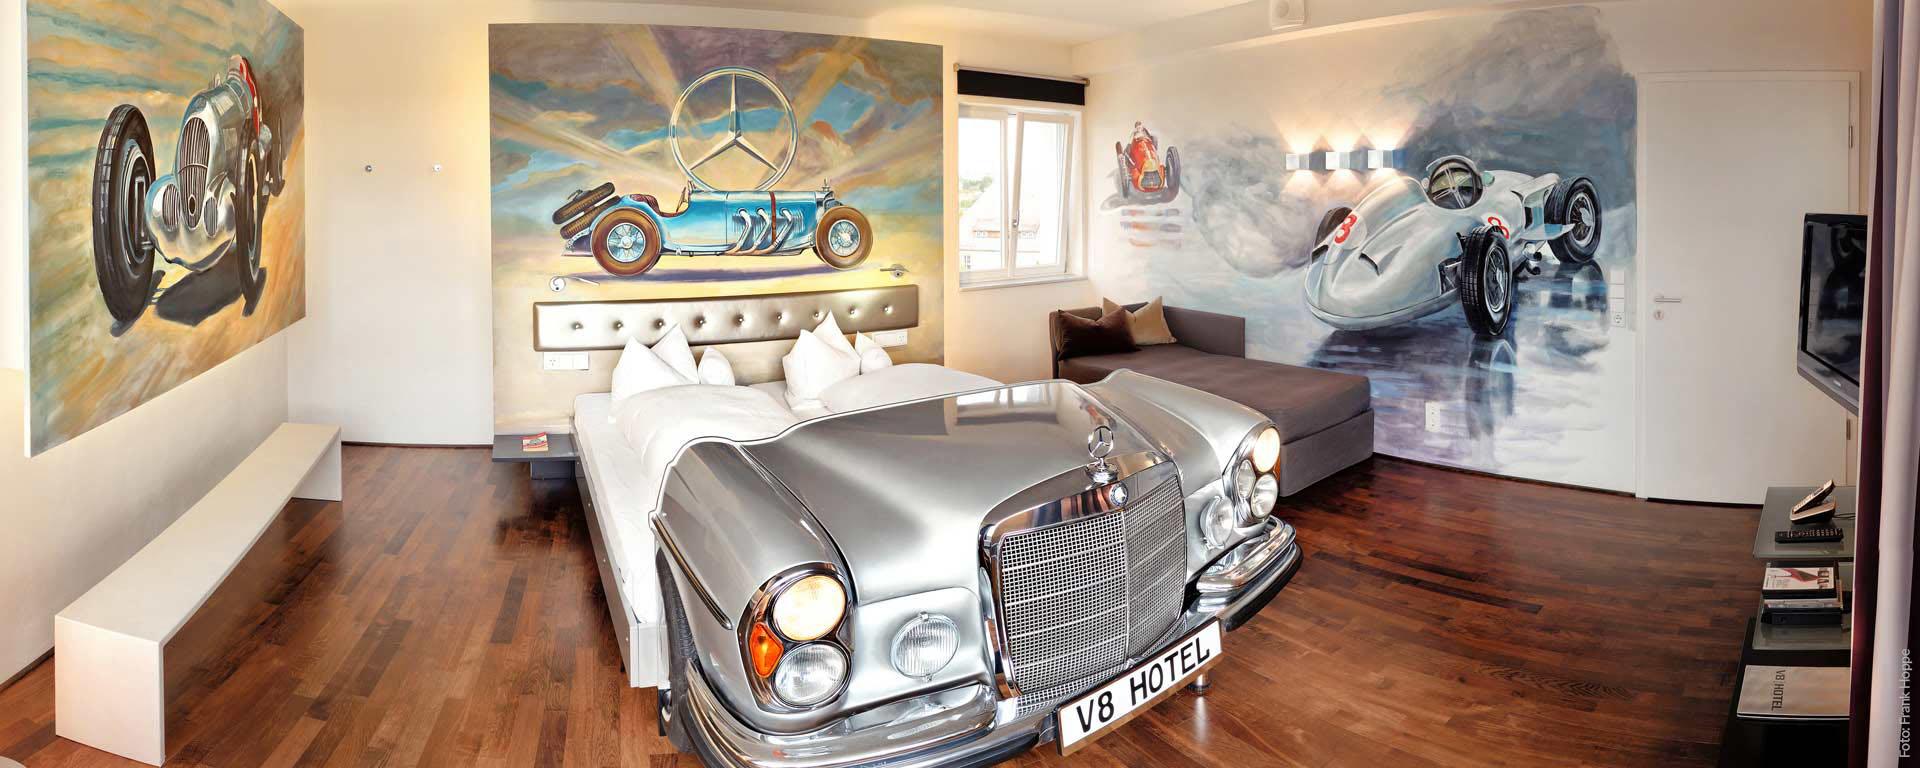 Kurzurlaub im vier Sterne Superior V8 Hotel Böblingen bei Stuttgart: Genießen Sie das besondere Flair automobiler Geschichte und Gegenwart!